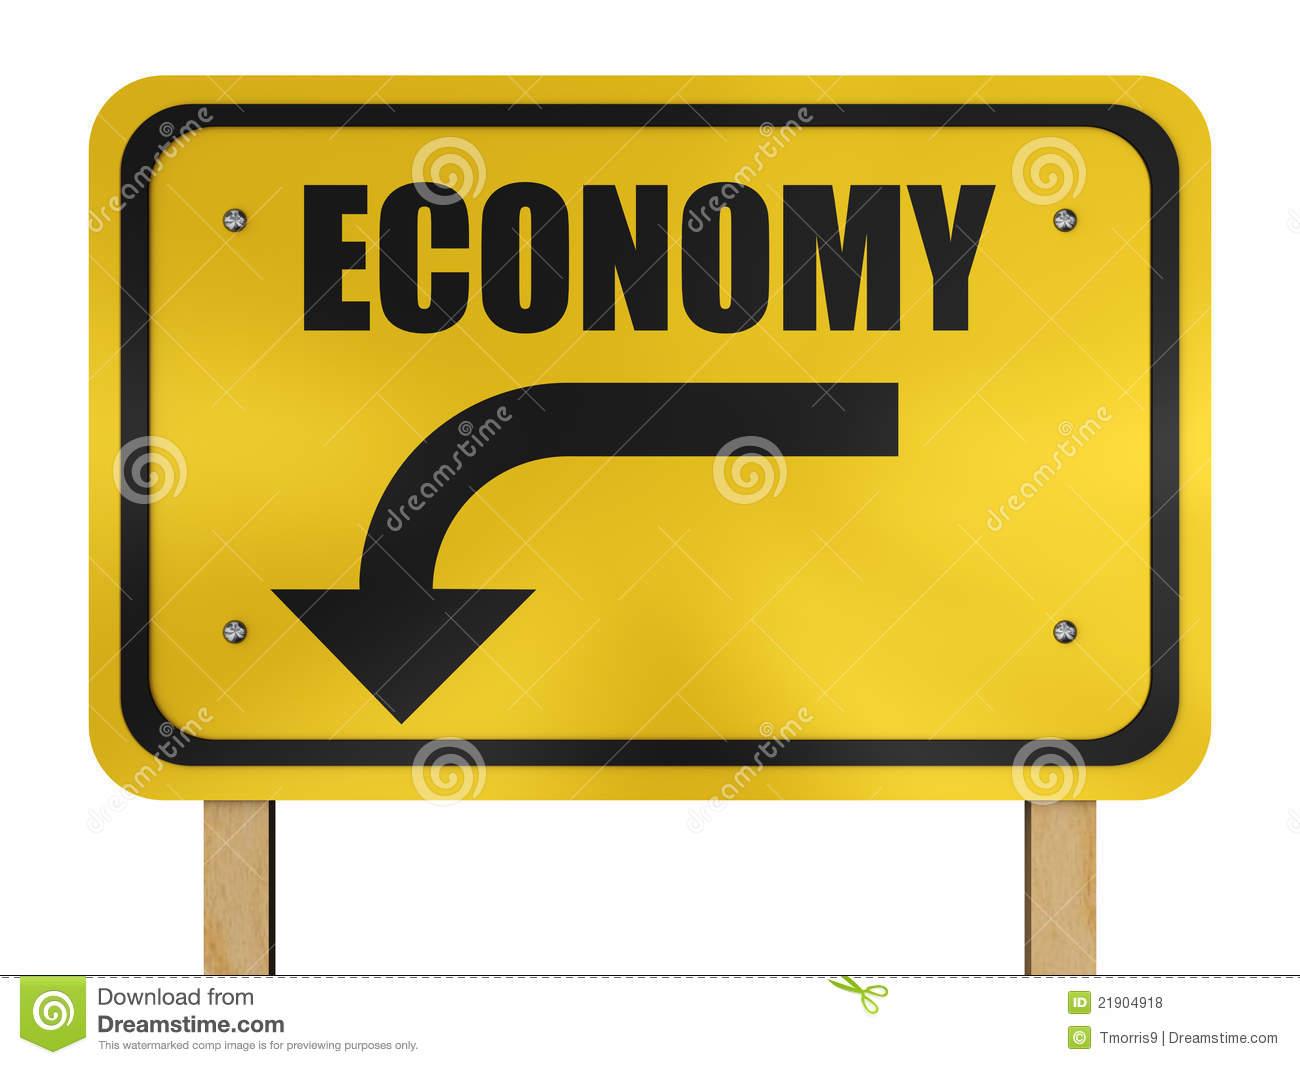 Bad economy clipart.